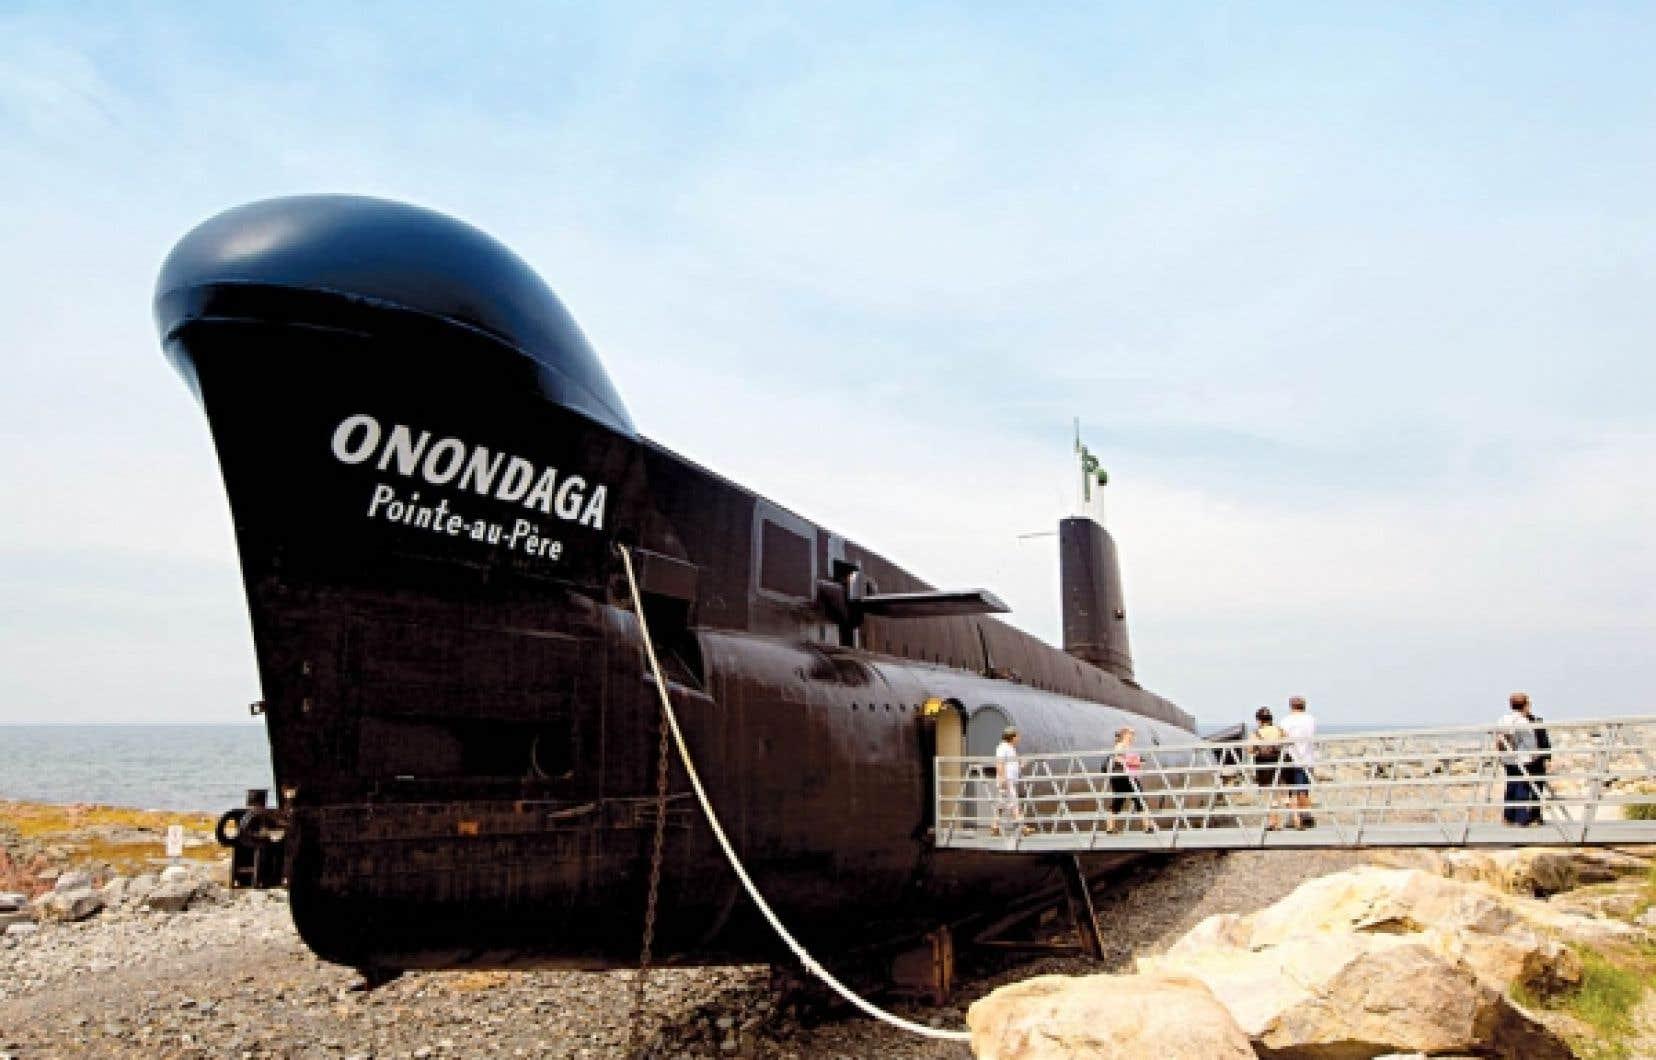 Le site historique maritime de la Pointe-au-P&egrave;re ouvre les portes &mdash; et la salle des torpilles &mdash; de l&rsquo;ex-sous-marin de guerre Onondaga.<br />